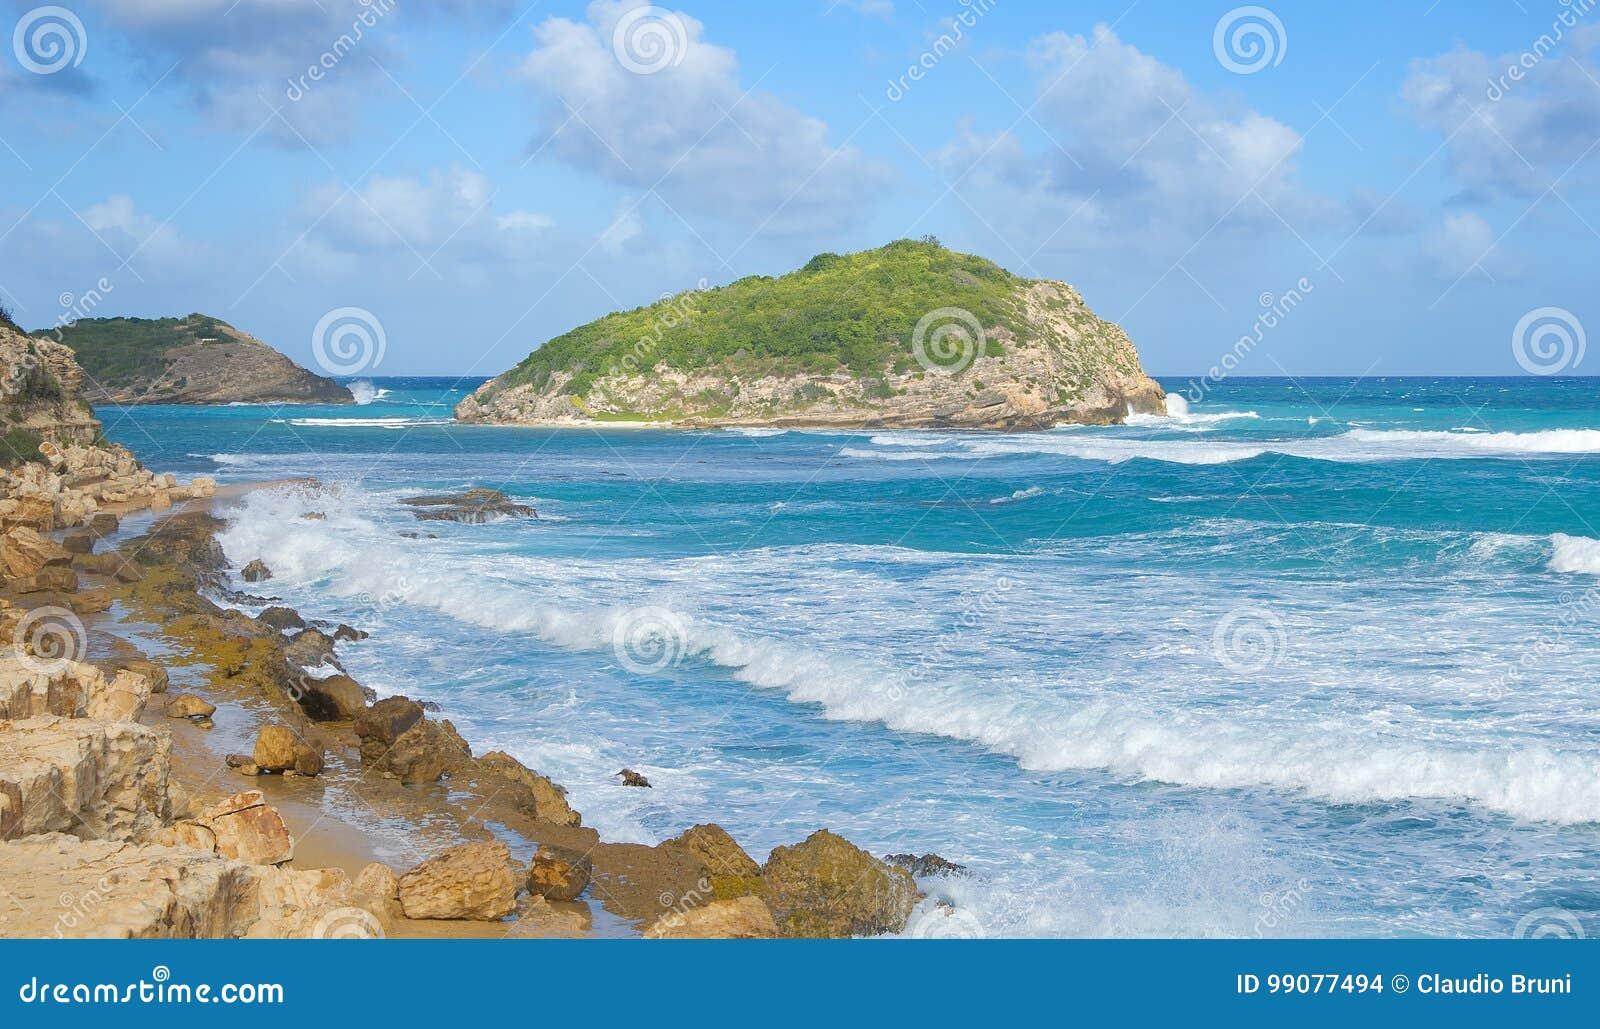 De halve kust van de Atlantische Oceaan van de Maanbaai - Caraïbisch tropisch eiland - Antigua en Barbuda